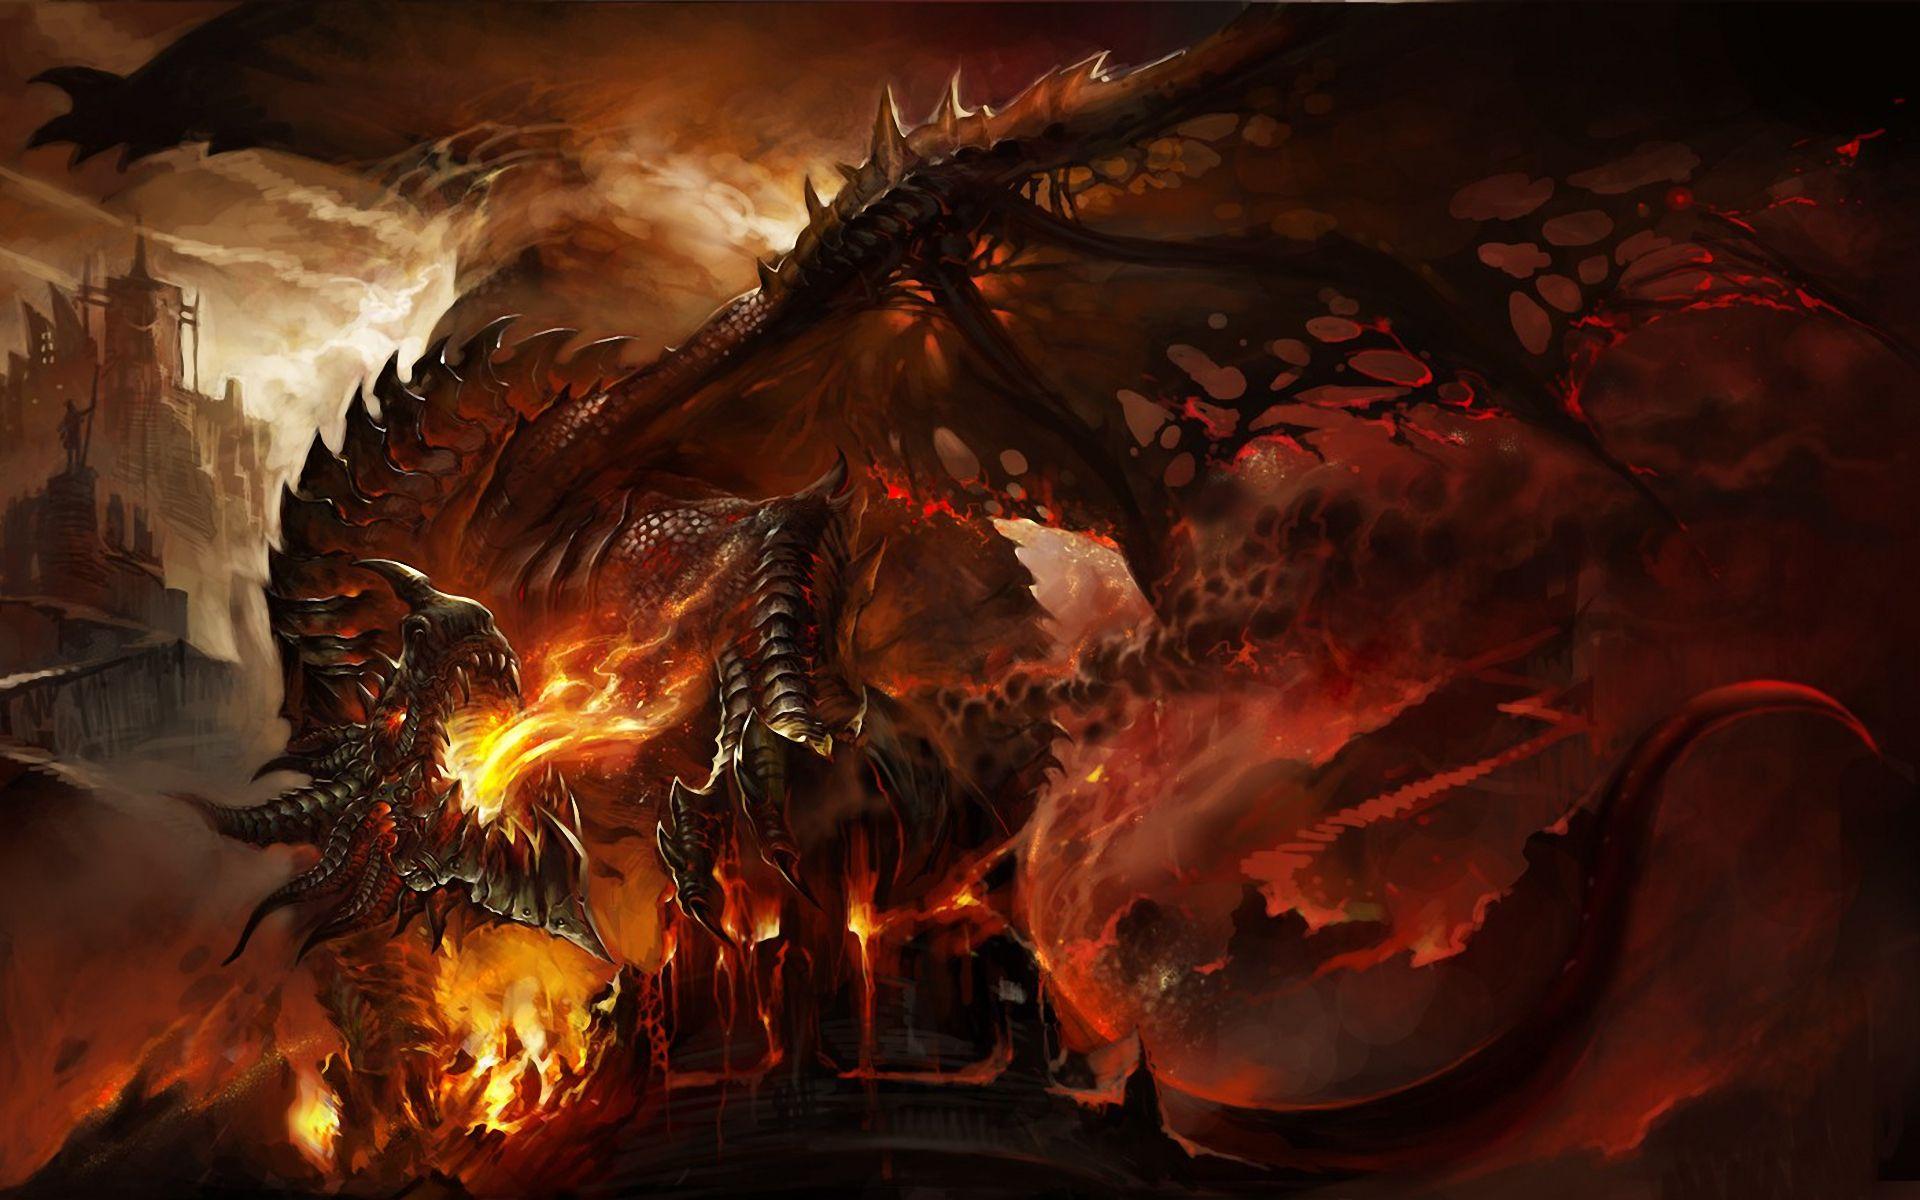 Epic Dragon Wallpaper HD